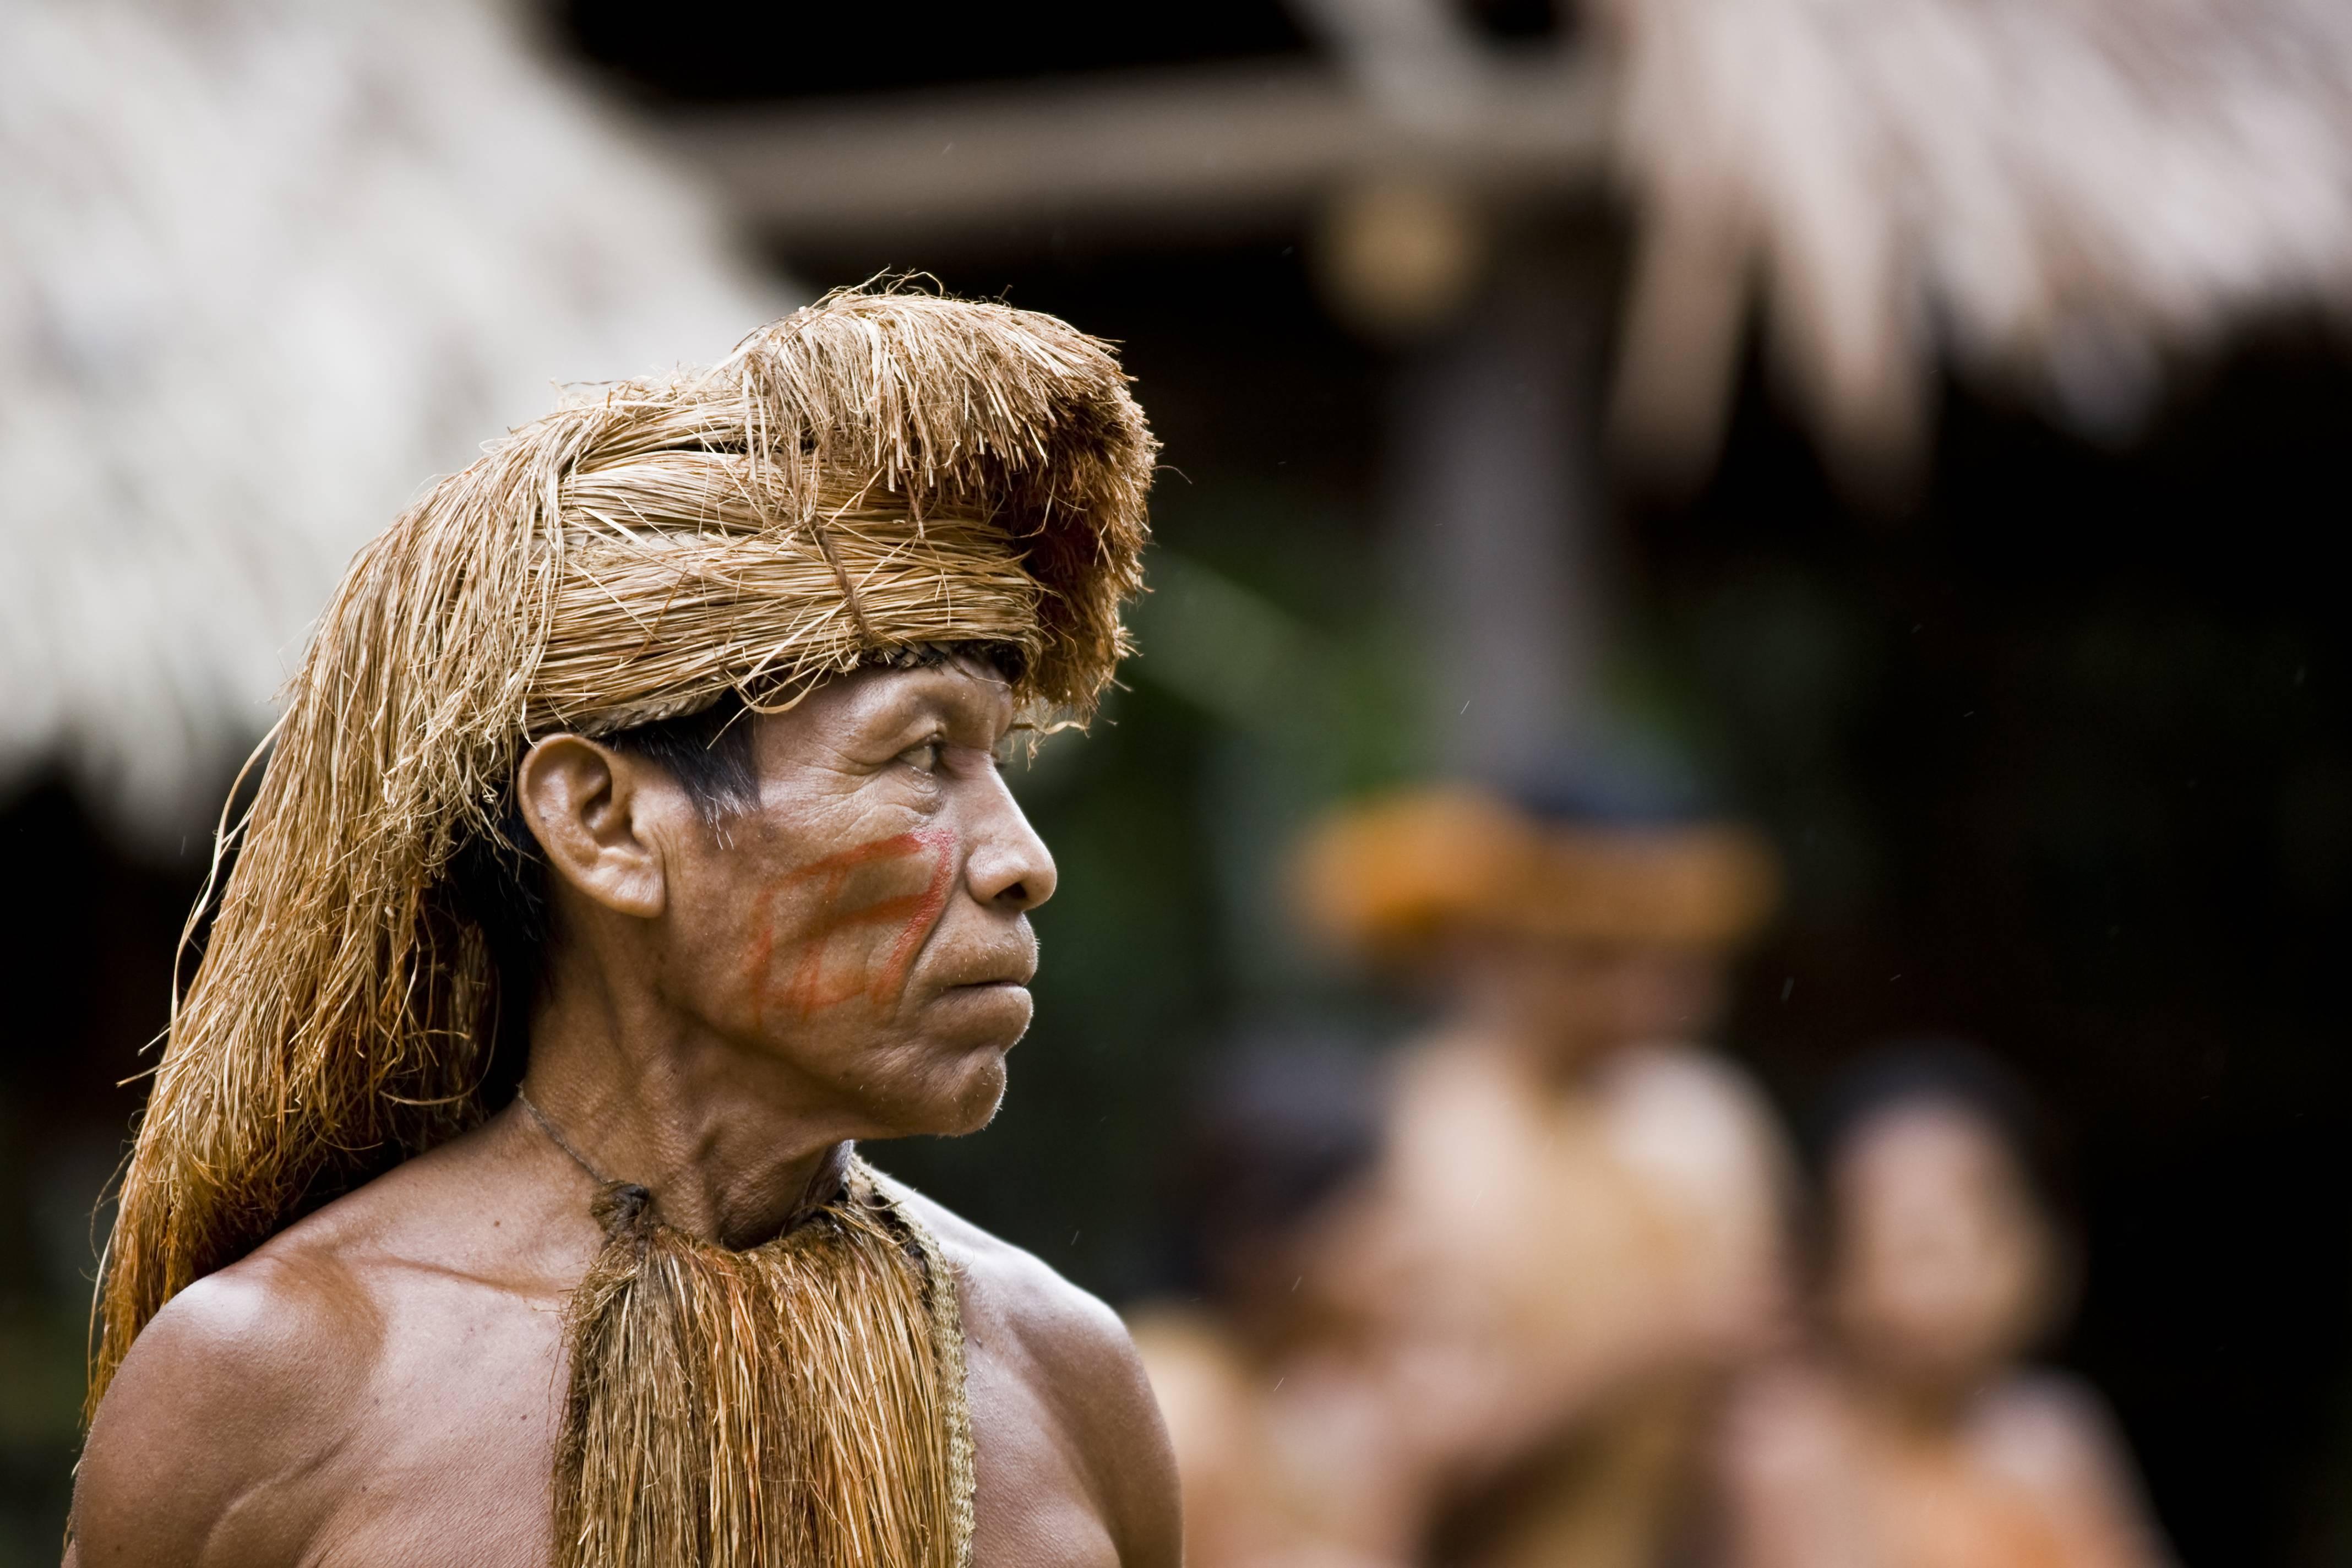 Jefe de una tribu amazónica. La región es una de las más amenazadas por las forestales en el mundo.